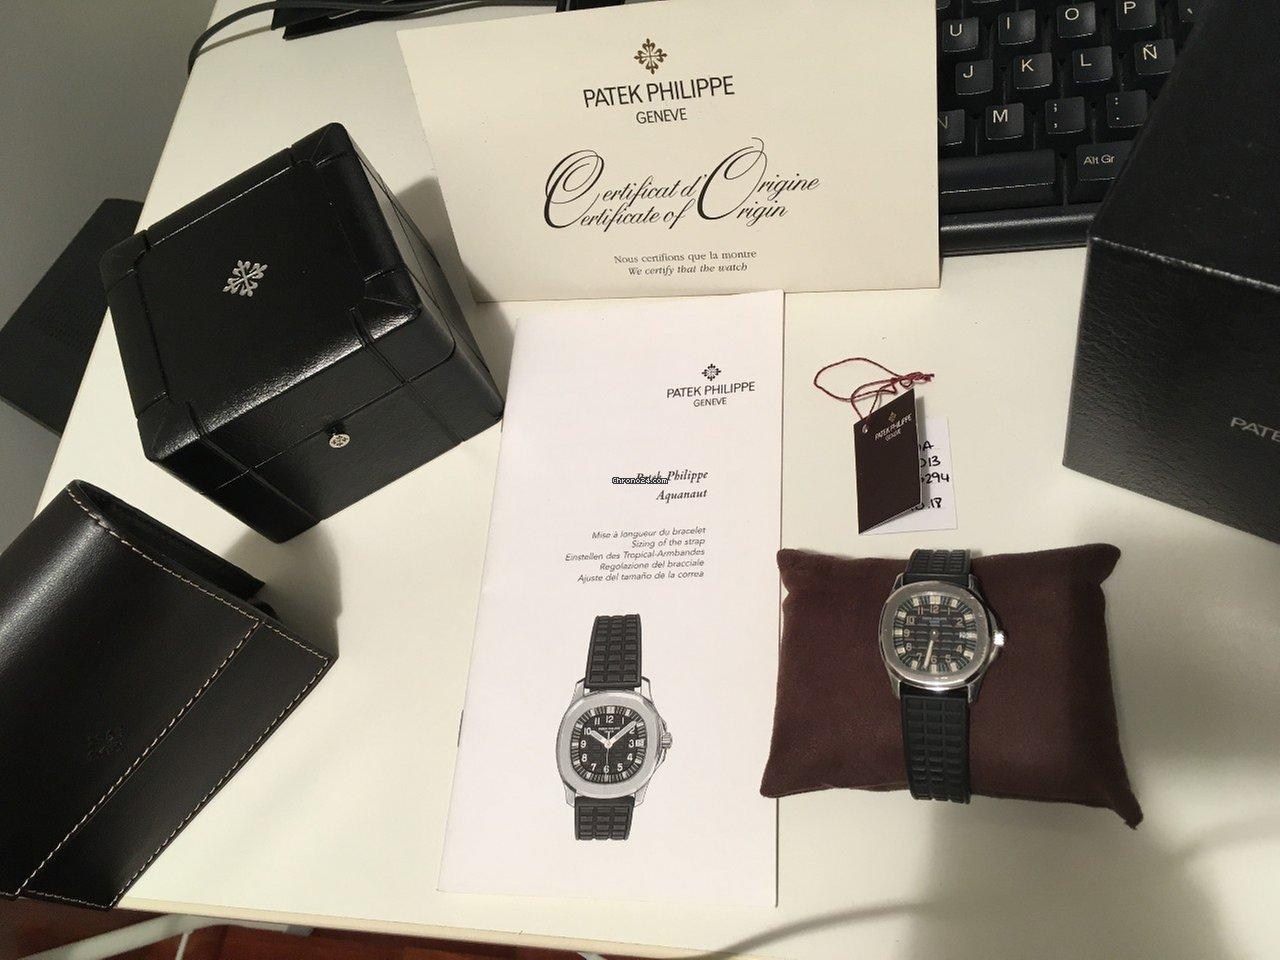 0e9e922a604 Relojes Patek Philippe - Precios de todos los relojes Patek Philippe en  Chrono24